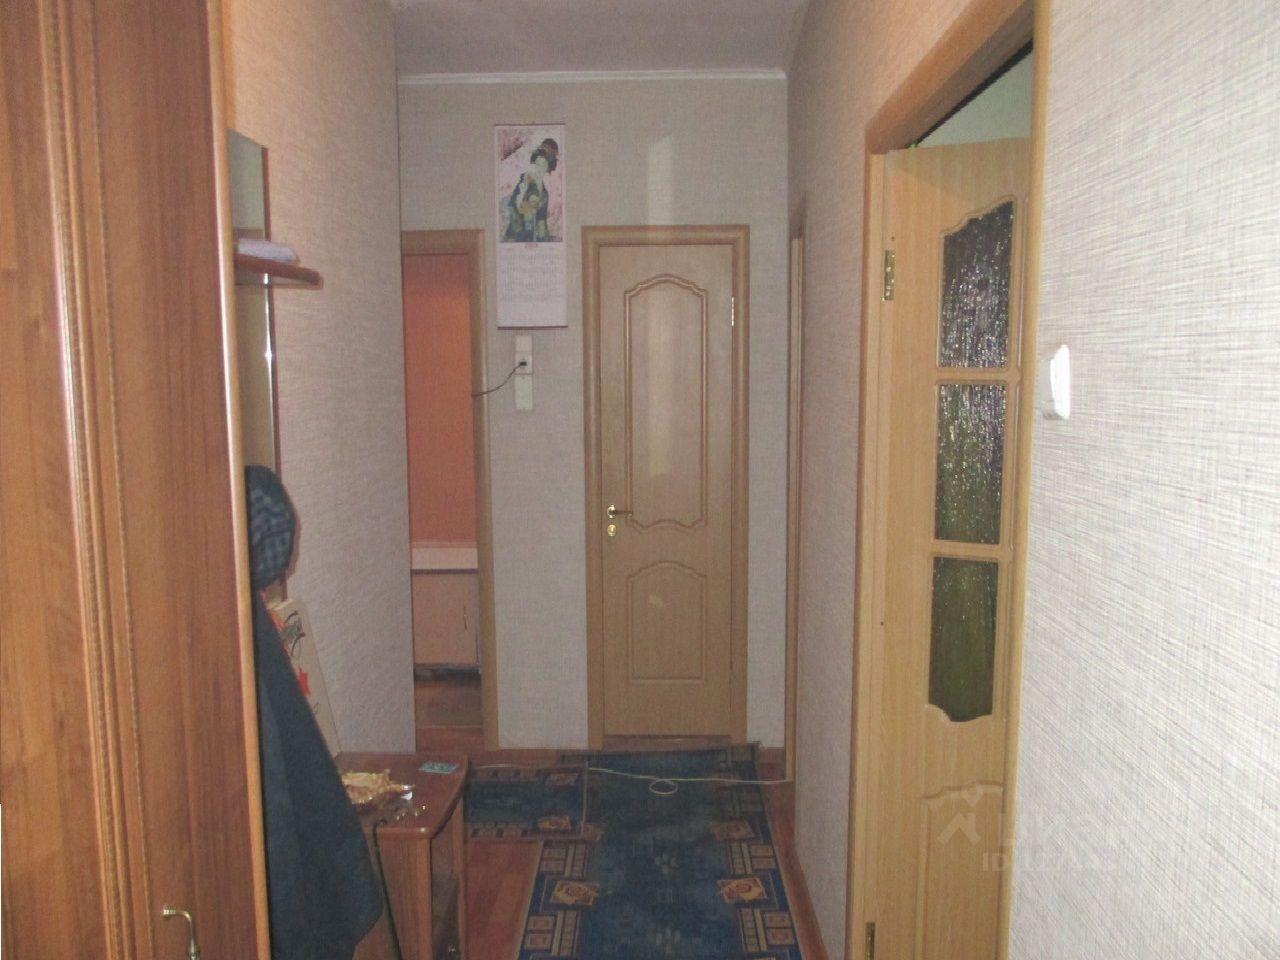 продажа недвижимости город Москва, Лебедянская улица, д. 12К1